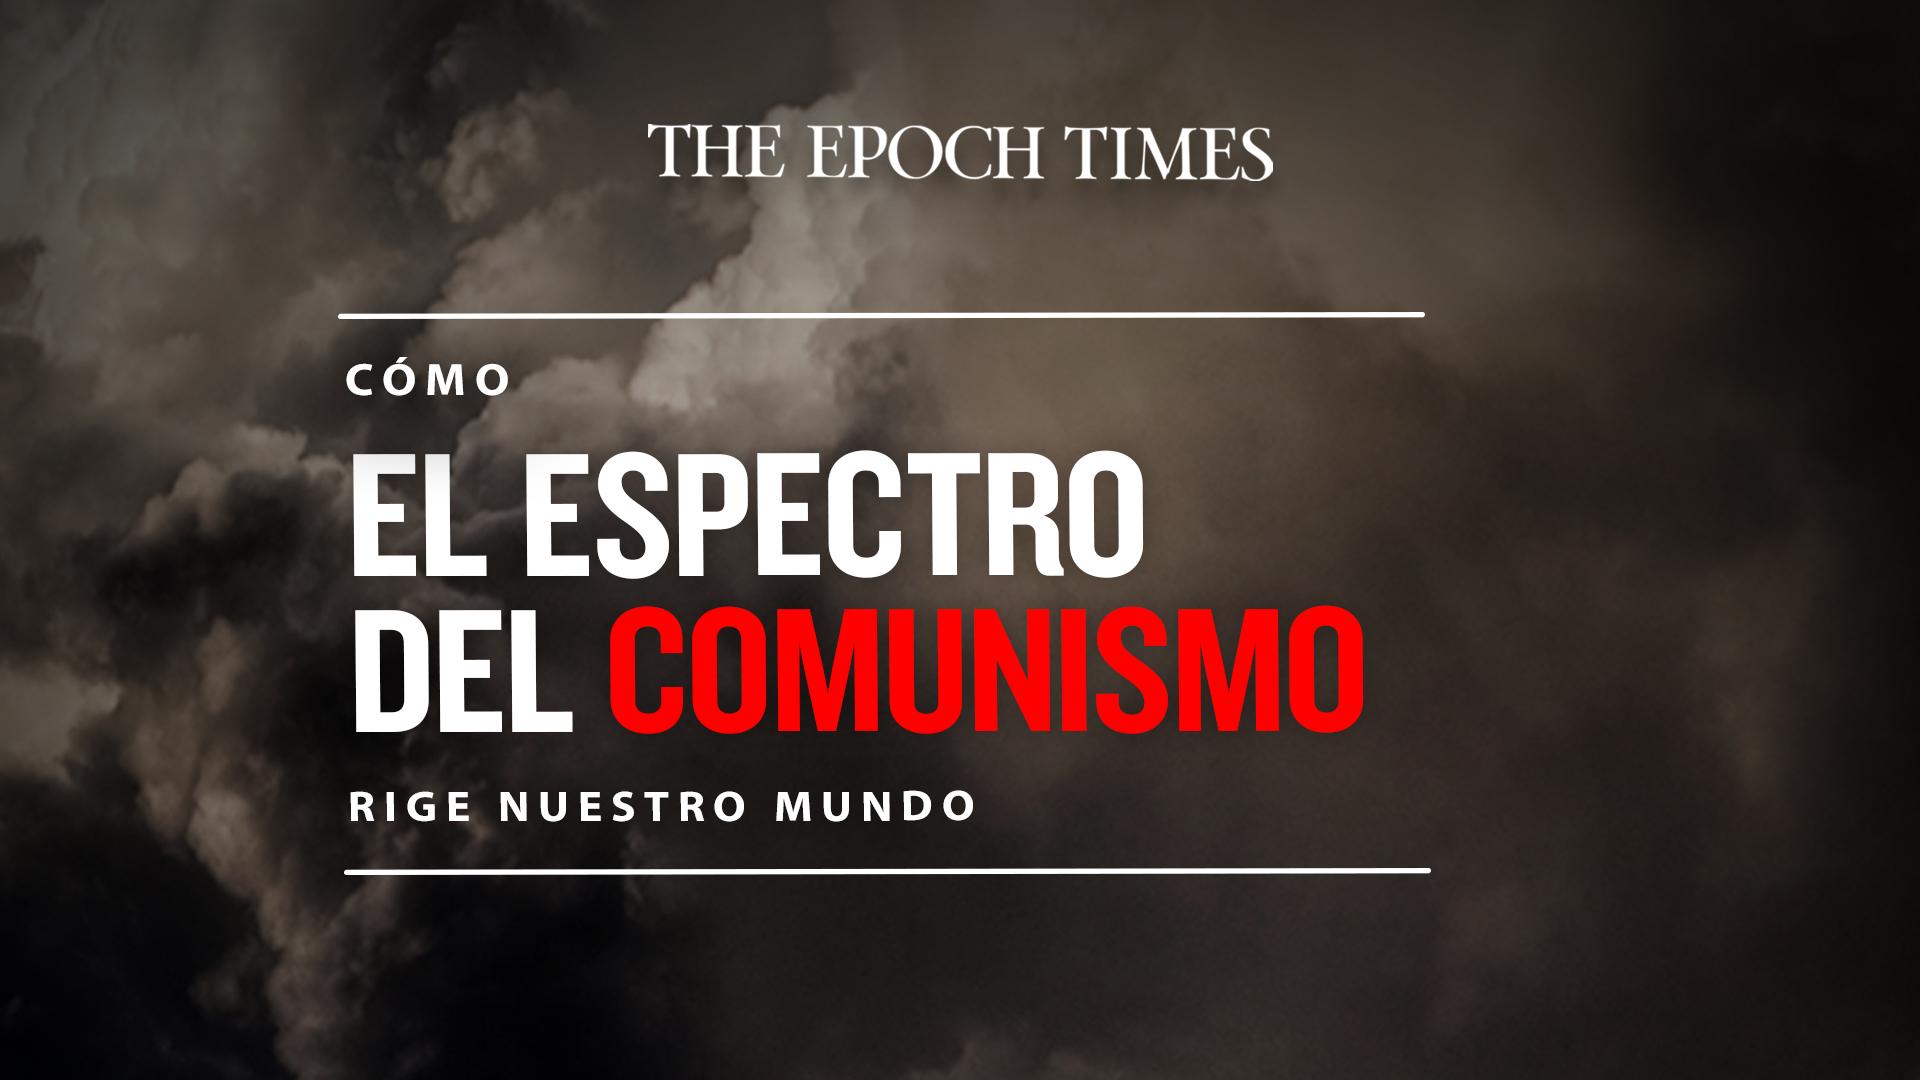 Estreno en español: Cómo el espectro del comunismo rige nuestro mundo